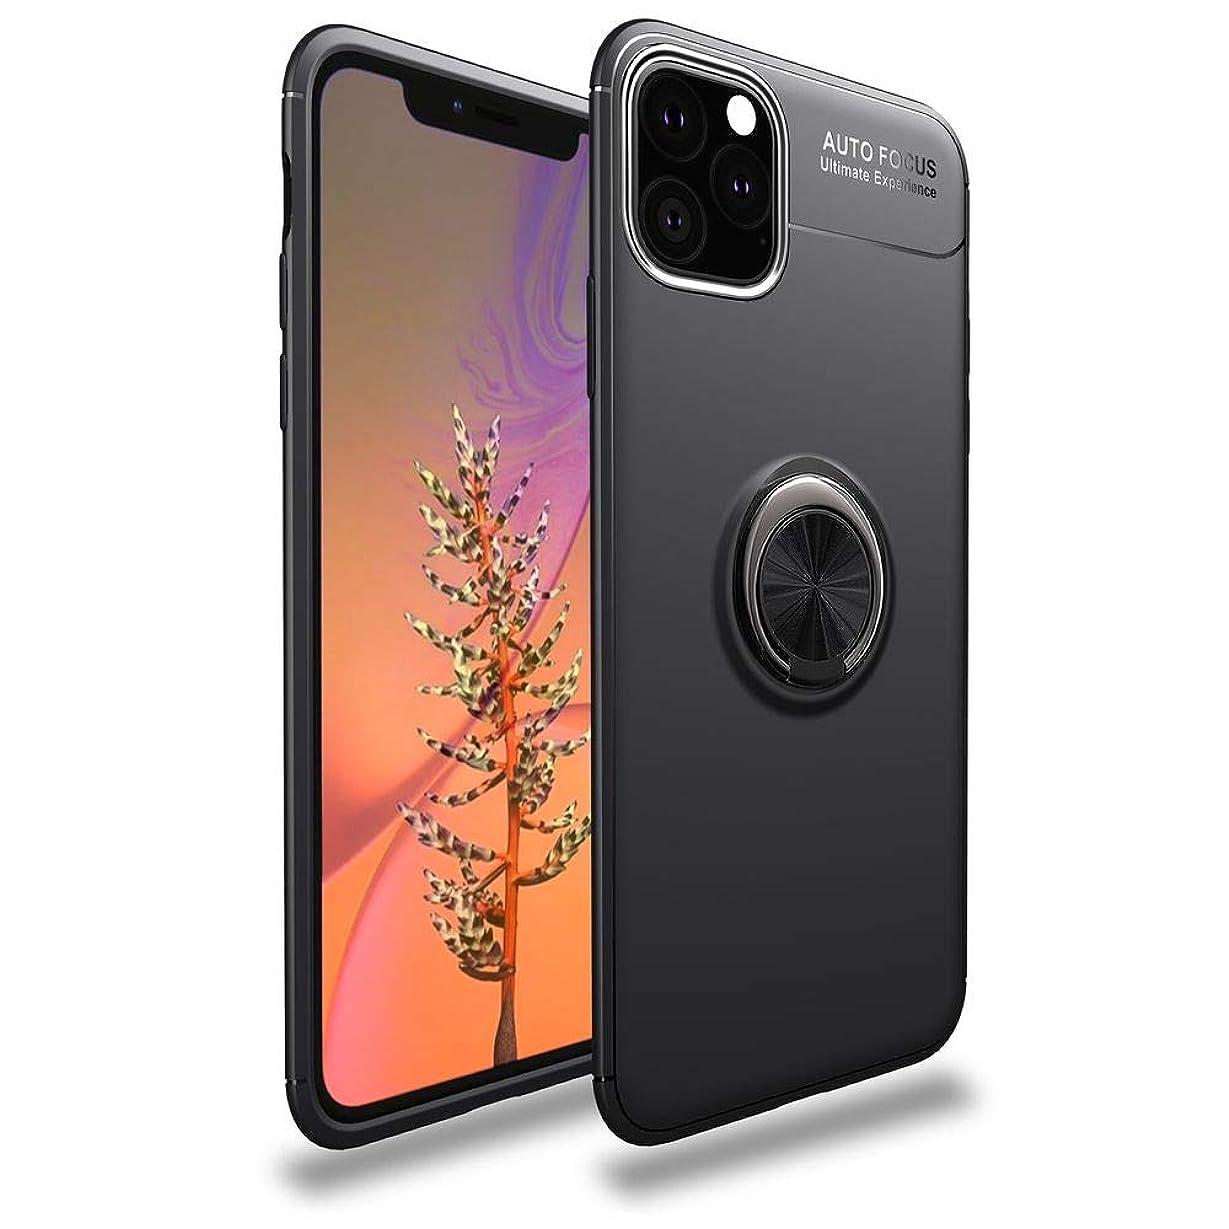 外部大使館マントiPhone 11 ケース リング付き 360度回転 落下防止 耐衝撃 Dingxin TPU カバー スタンド機能 薄型 軽量 指紋防止 車載ホルダー対応 アイフォン11ケース (iPhone 11, ブラック)